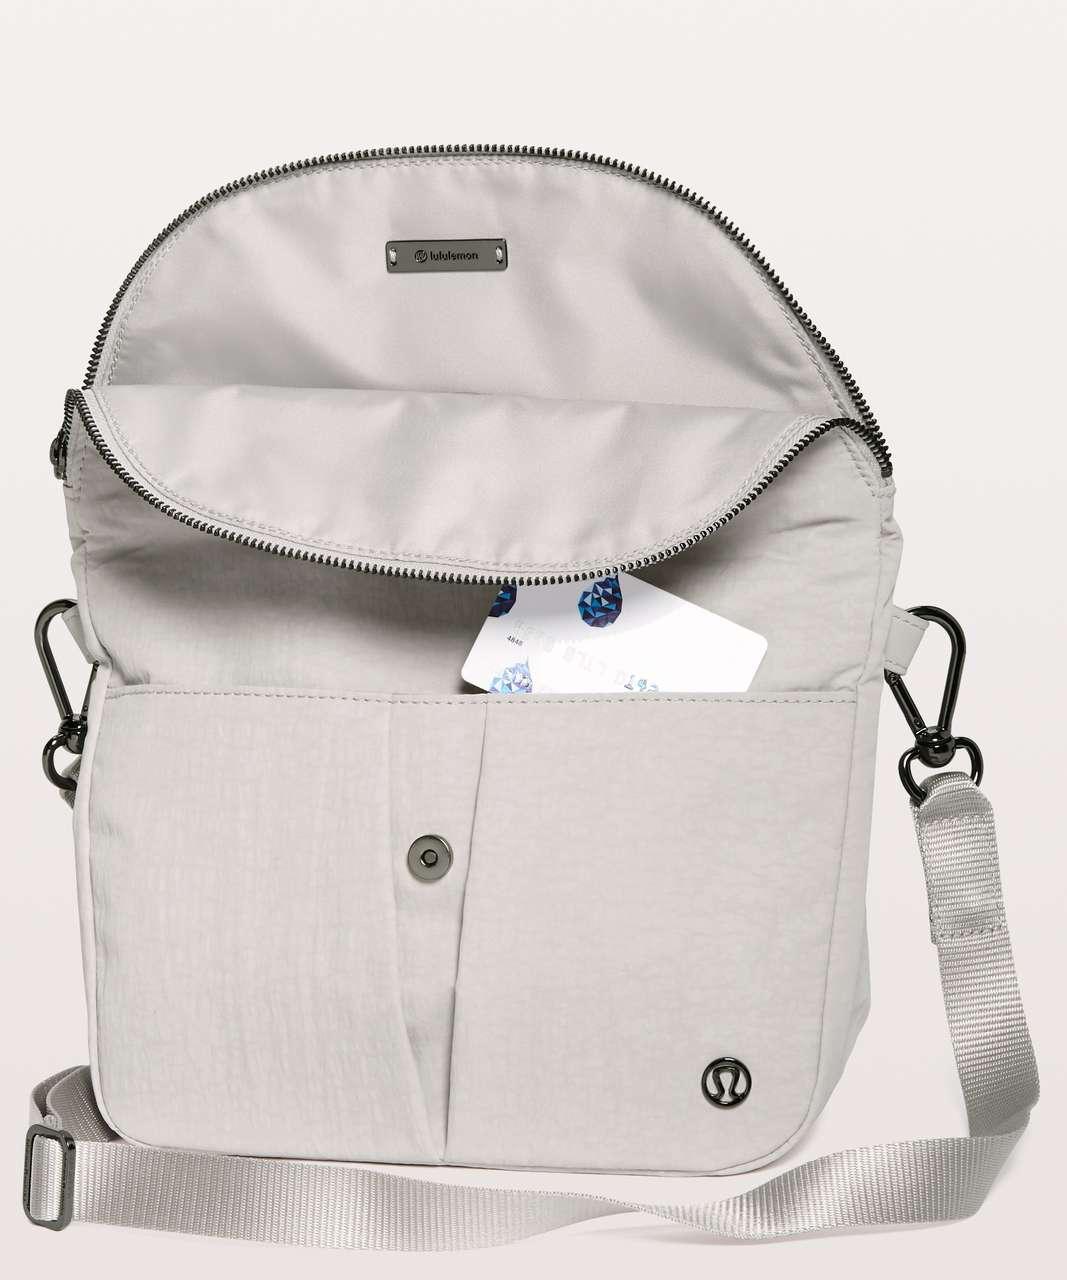 Lululemon All Night Festival Bag *5L - Chrome